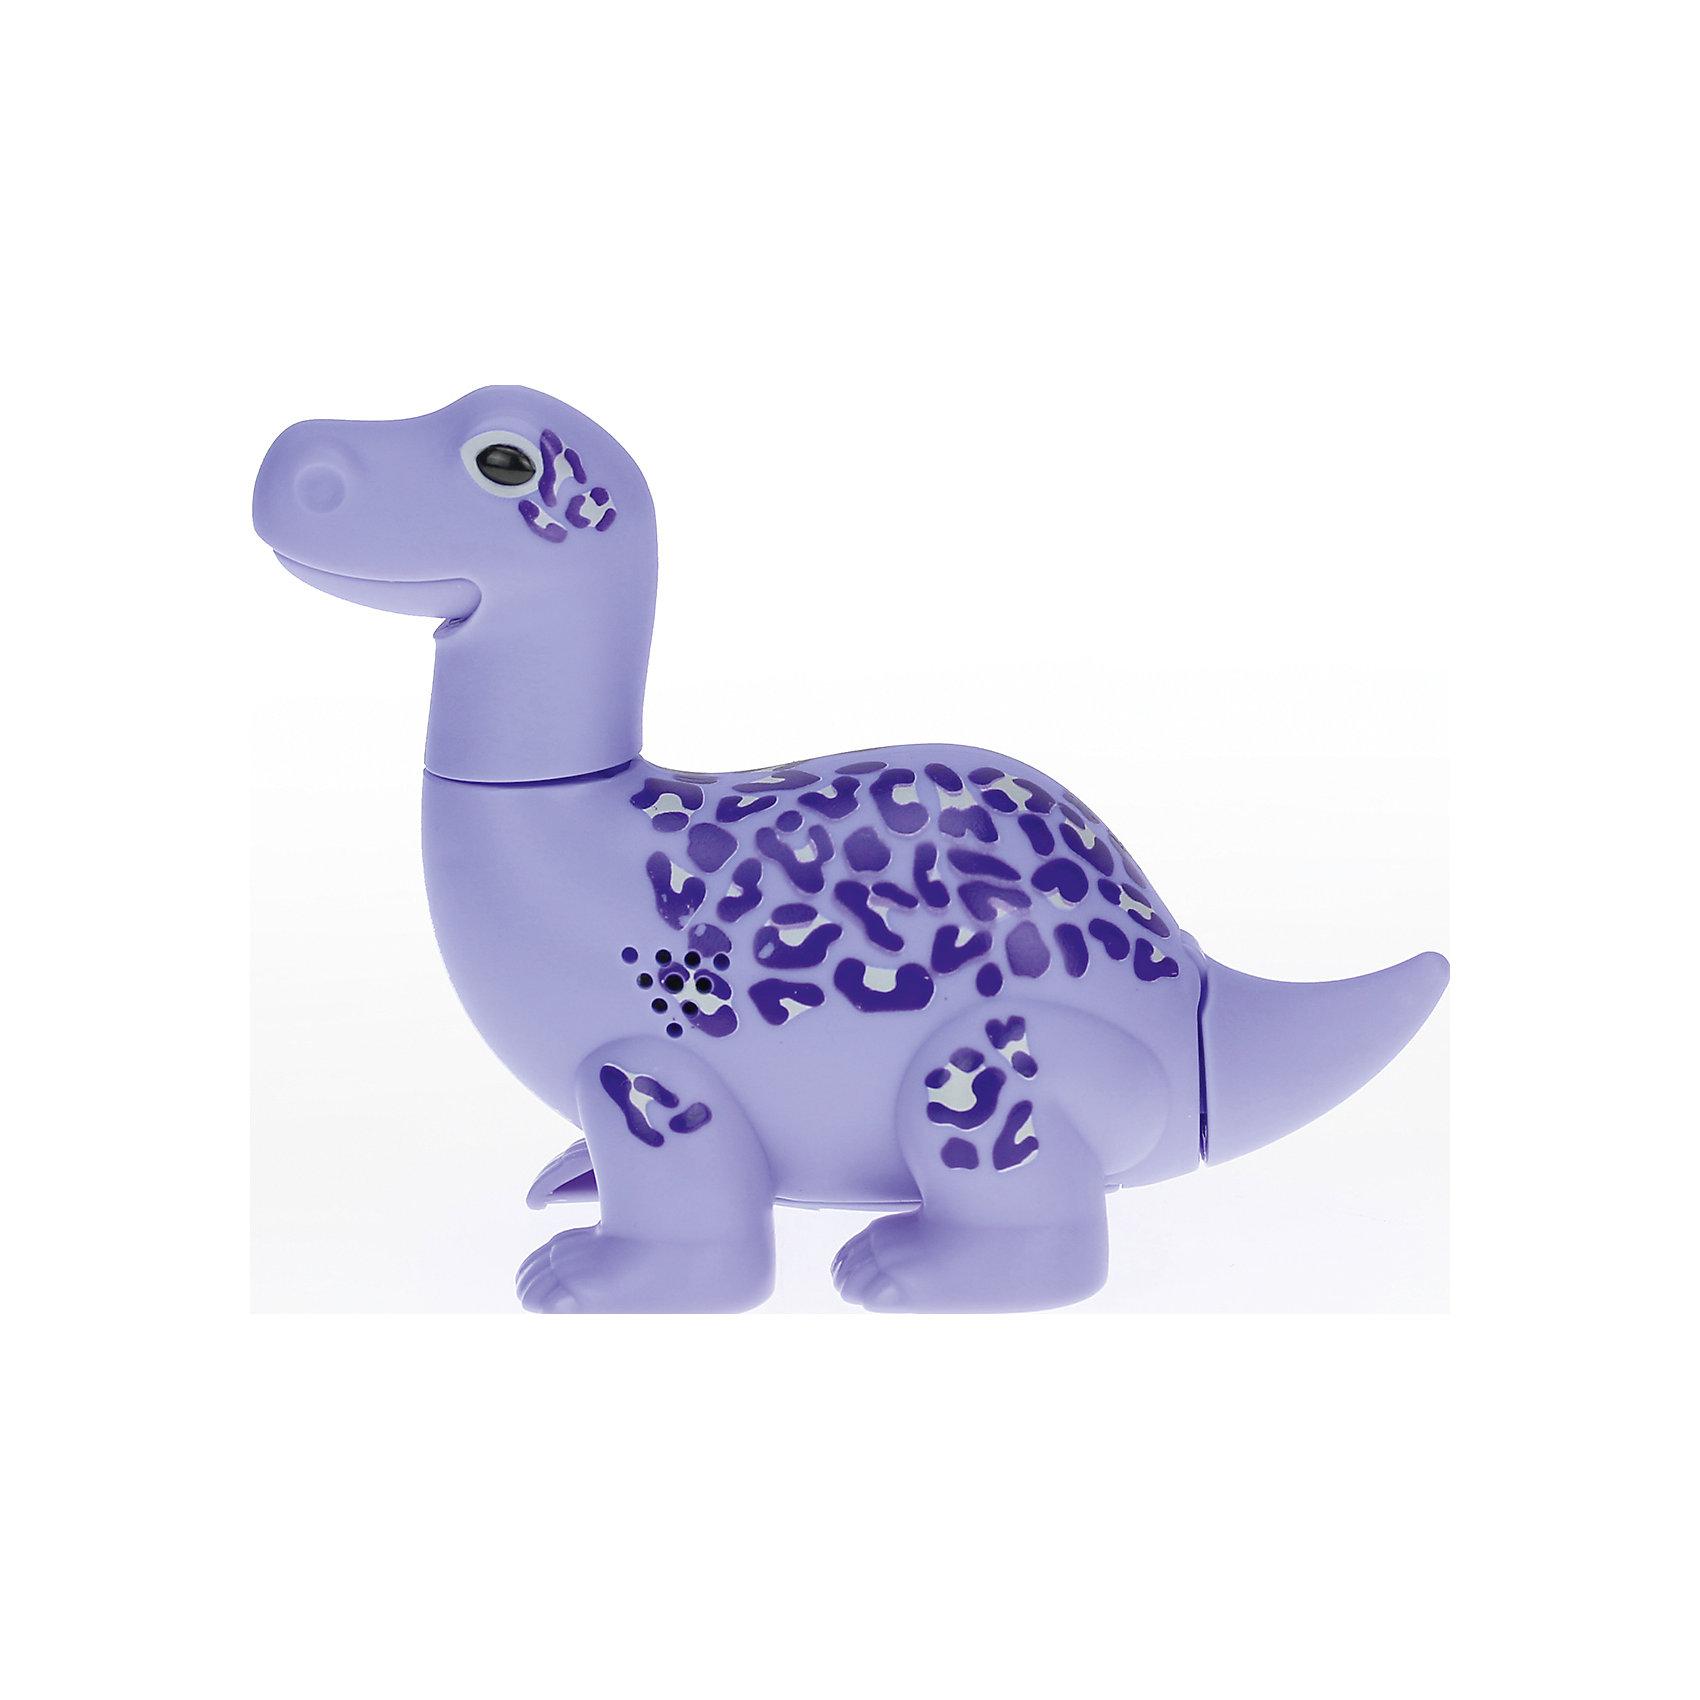 Поющий динозавр Digi Dinos, MaxИнтерактивные животные<br>Характеристики товара:<br><br>- цвет: фиолетовый;<br>- материал: пластик, металл;<br>- батарейки: 3xAG13/LR44, в комплекте;<br>- размер упаковки: 16x10x7 см;<br>- габариты игрушки: 6,5x10x15 см;<br>- умеет петь, рычать, записывать звуки, шевелить головой и хвостом.<br><br>Такая игрушка в виде динозавра поможет ребенку весело проводить время - динозавр умеет петь, рычать, записывать звуки, шевелить головой и хвостом. Это выглядит очень забавно! Игрушка реагирует на звук от специального свистка, который входит в комплект. Также можно приобрести другие игрушки из этой серии - тогда они будут петь хором!<br>Динозавр способен помогать всестороннему развитию ребенка: развивать тактильное восприятие, мелкую моторику, воображение, внимание и логику. Изделие произведено из качественных материалов, безопасных для ребенка. Набор станет отличным подарком детям!<br><br>Игрушку Динозавр от бренда Silverlit можно купить в нашем интернет-магазине.<br><br>Ширина мм: 115<br>Глубина мм: 150<br>Высота мм: 62<br>Вес г: 128<br>Возраст от месяцев: 36<br>Возраст до месяцев: 2147483647<br>Пол: Унисекс<br>Возраст: Детский<br>SKU: 5156849